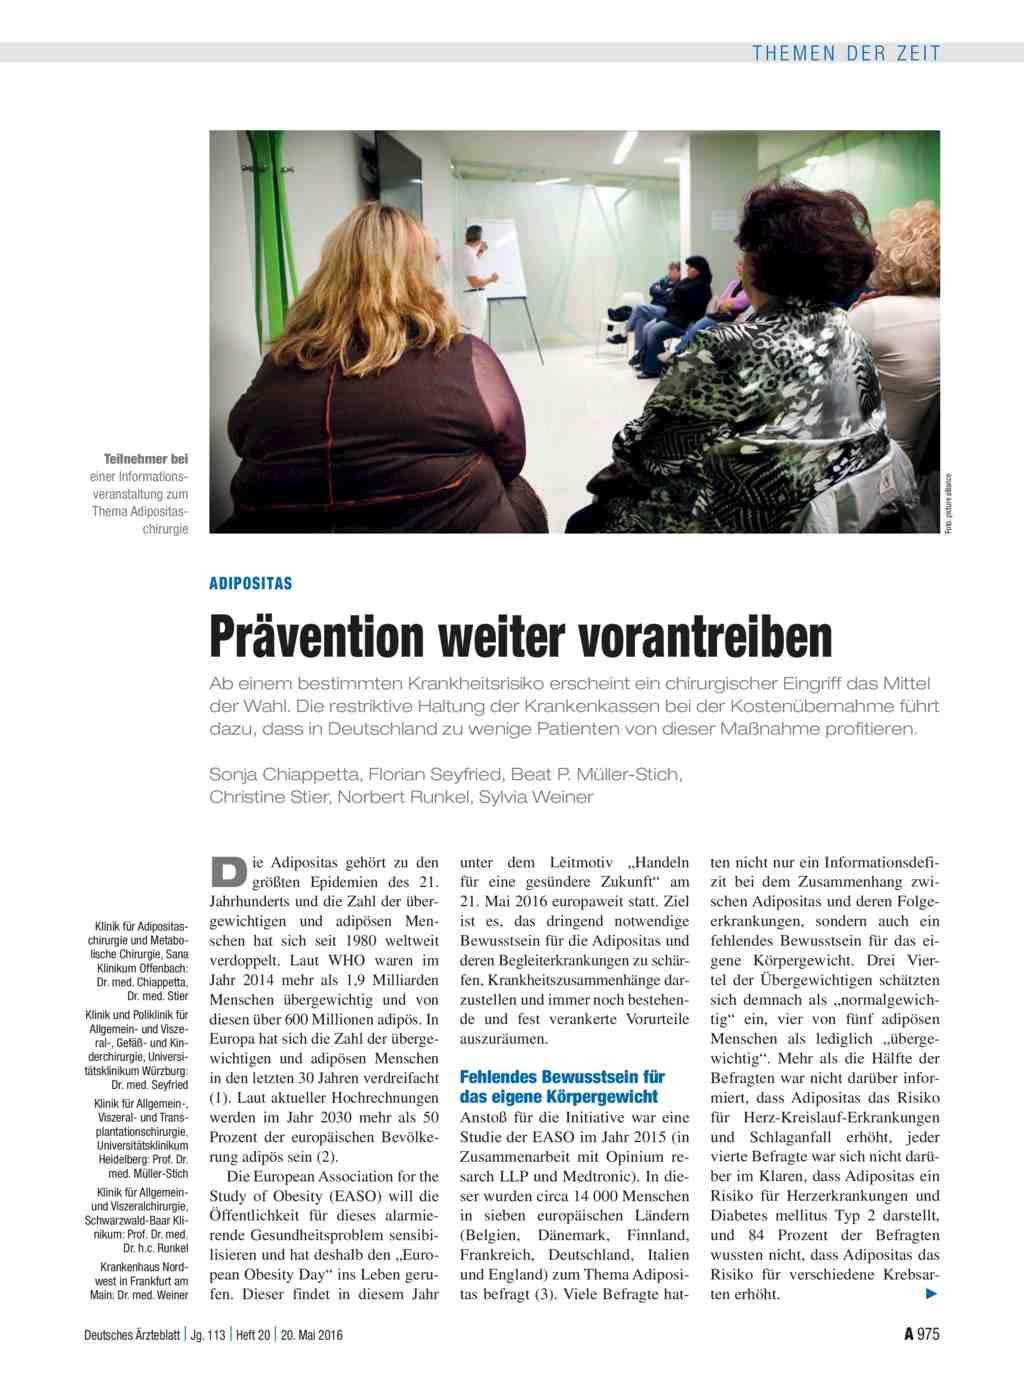 Adipositas: Prävention weiter vorantreiben